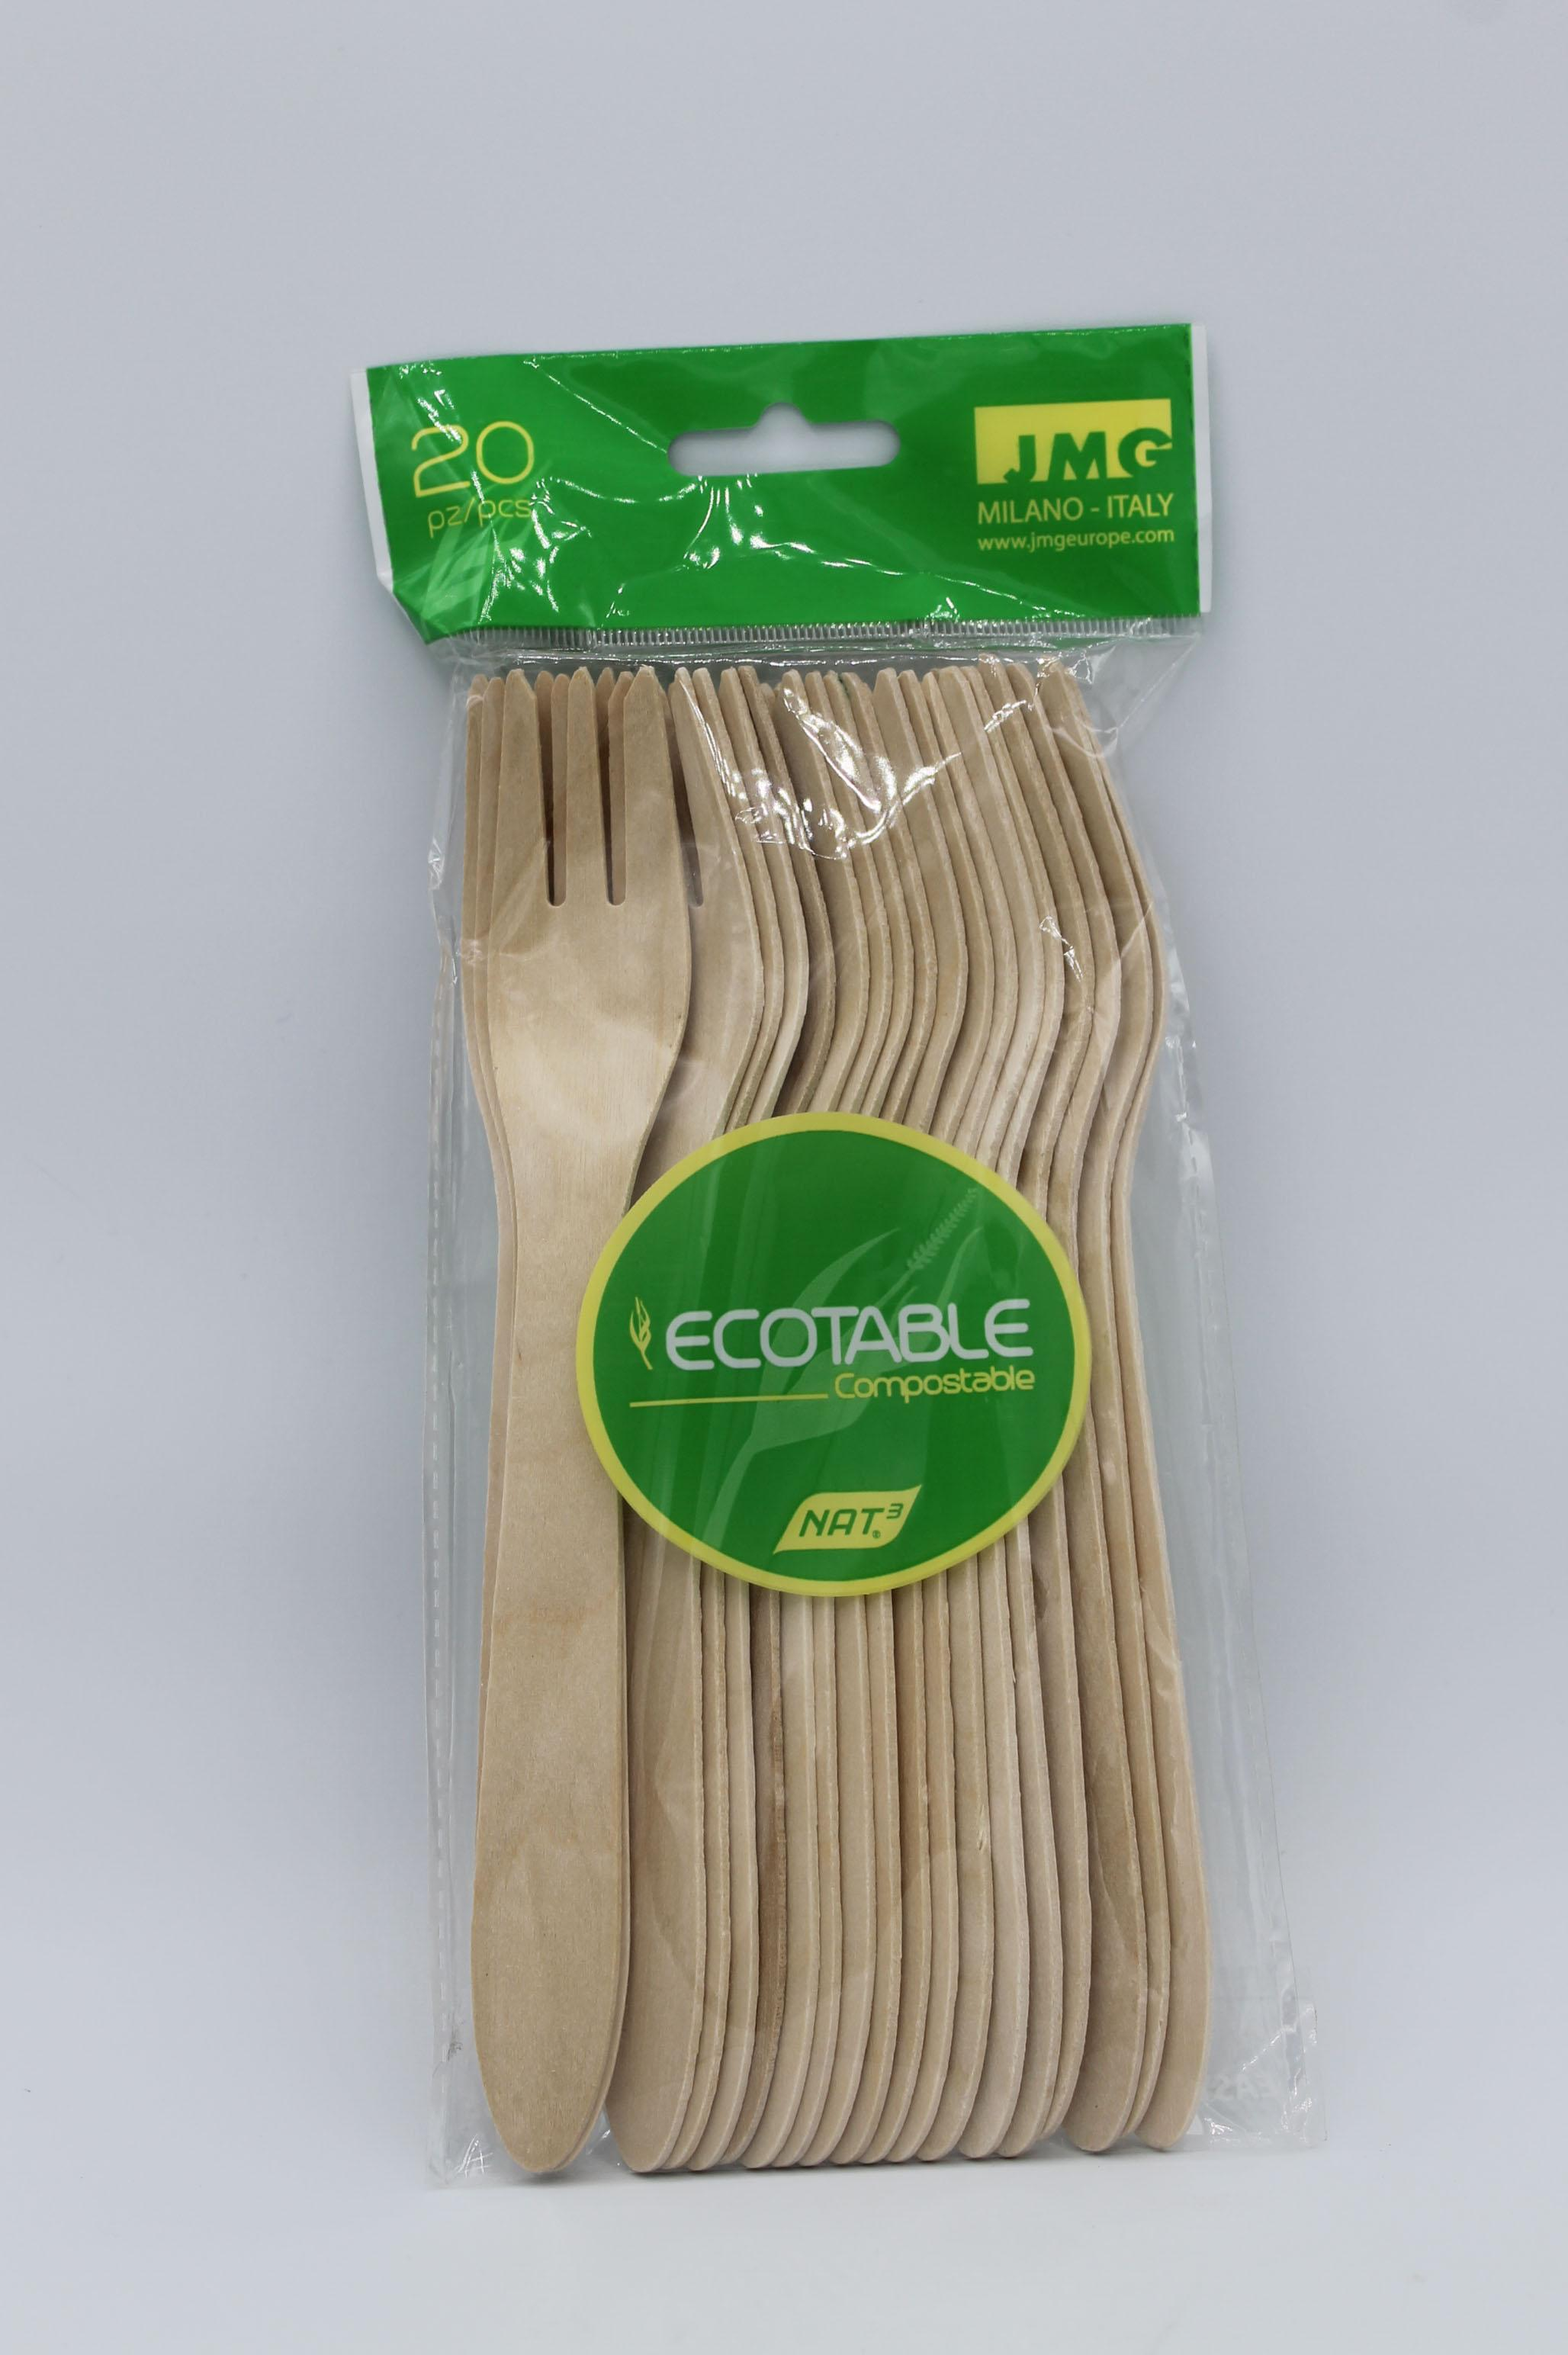 Ecotable forchette in legno 20pz.